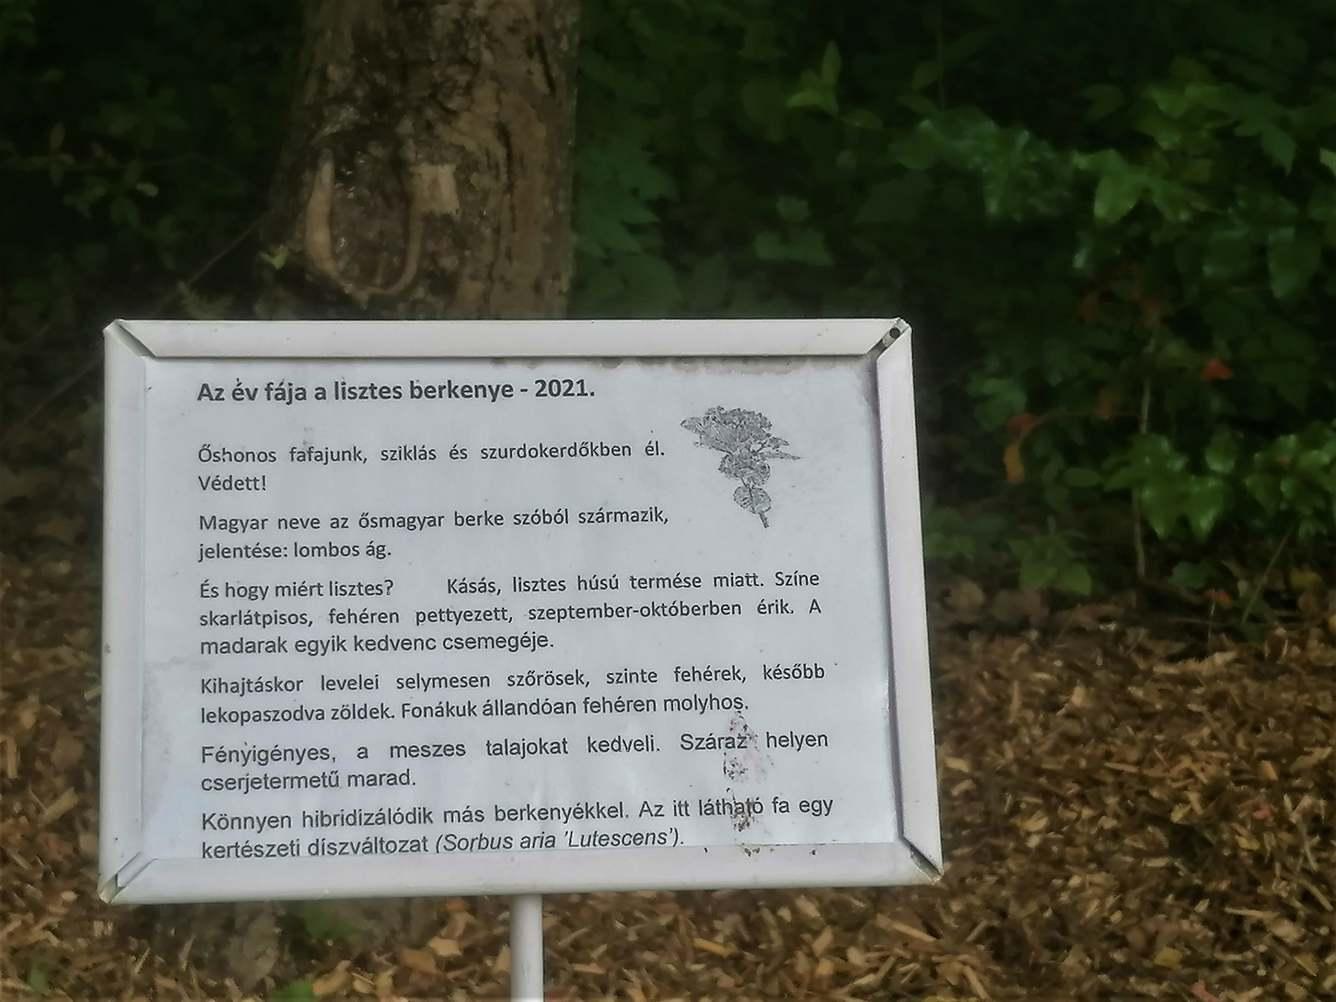 Az Év fája is látható a szépülő, megújuló Kecskeméti Arborétumban